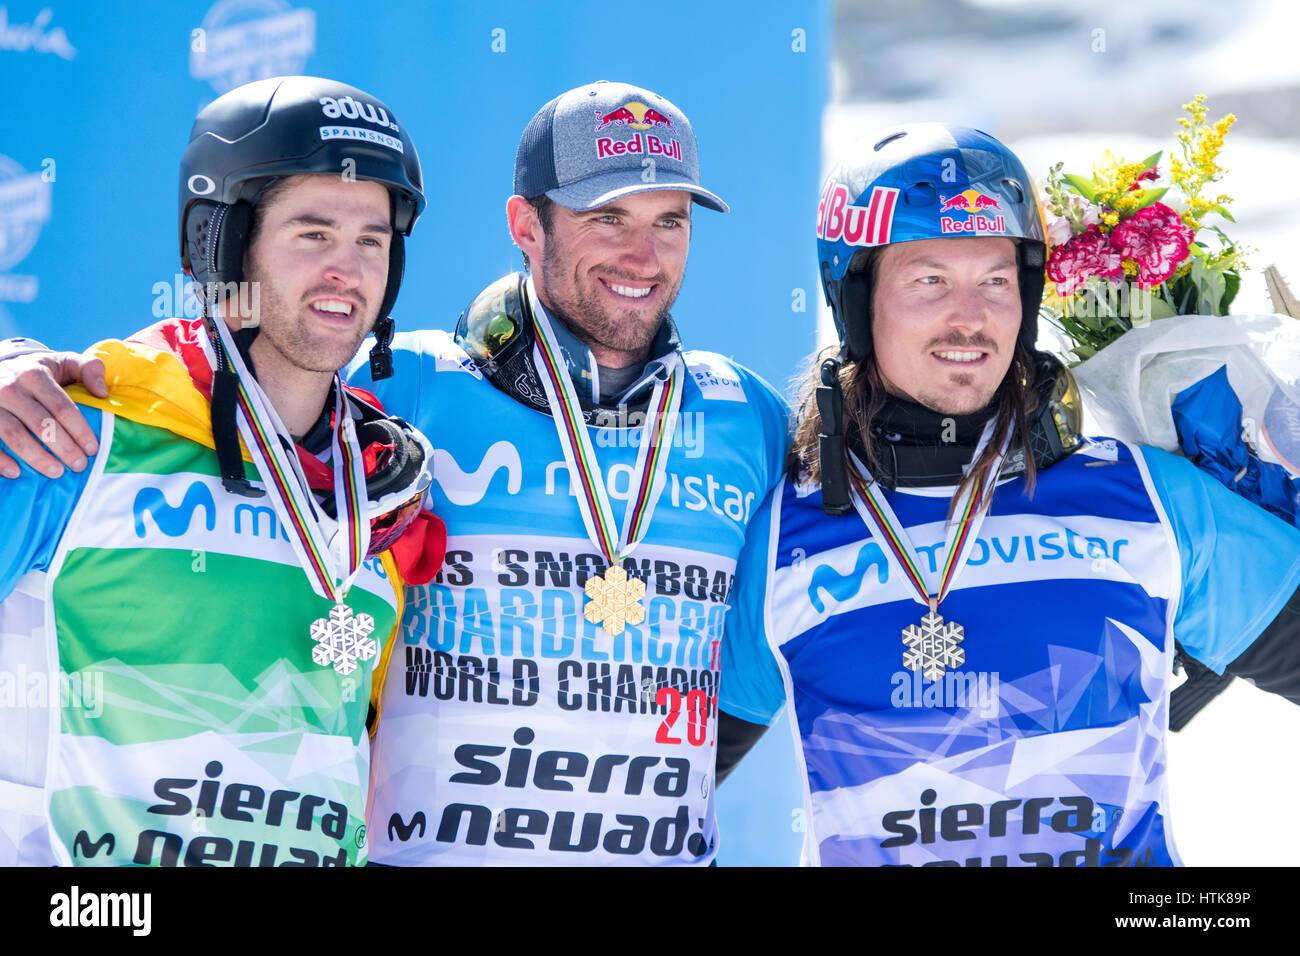 Sierra Nevada, Spanien. 12. März 2017. Lucas Eguibar (Spanien, 2.) Pierre Vaultier (Frankreich, 1.) und Alex Pullin Stockfoto